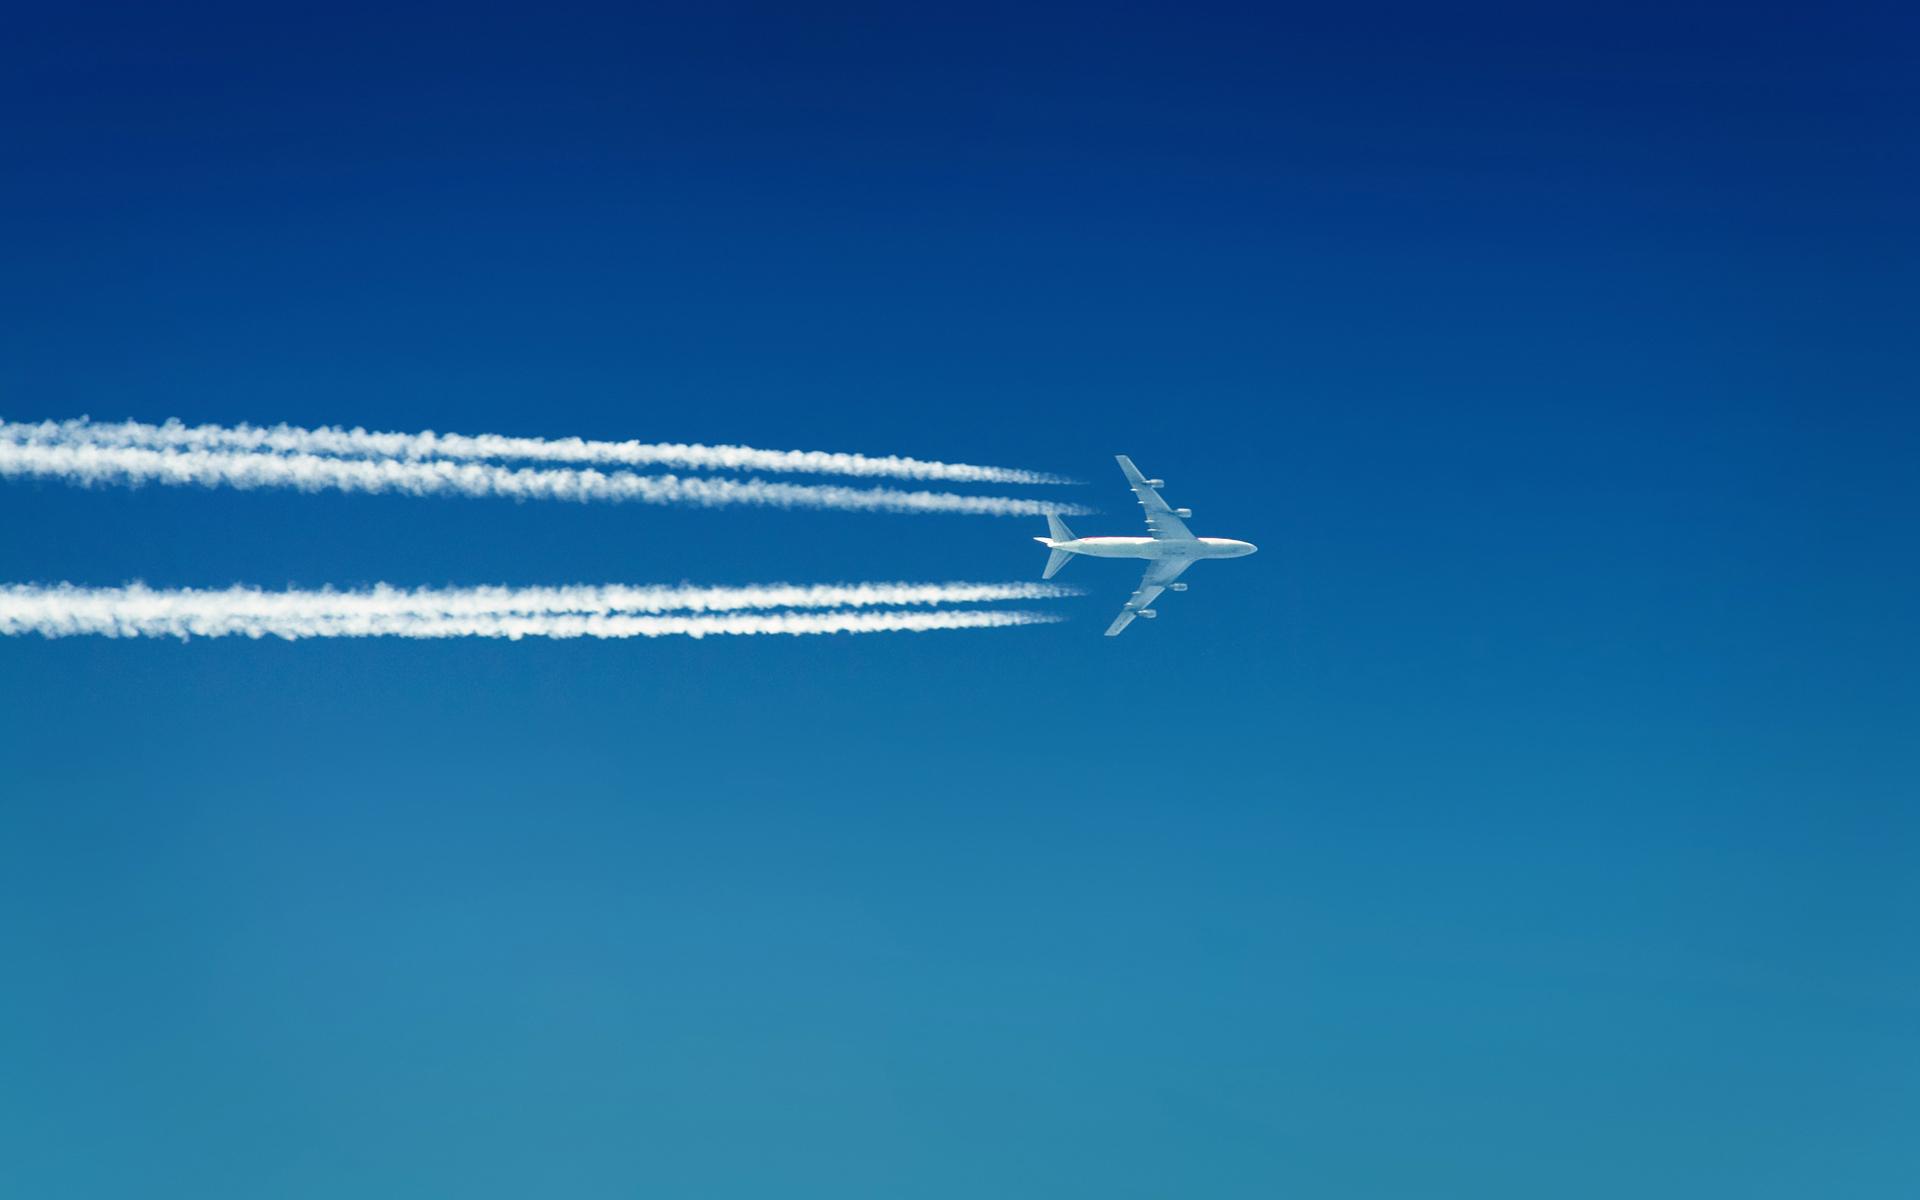 самолет оставляет след